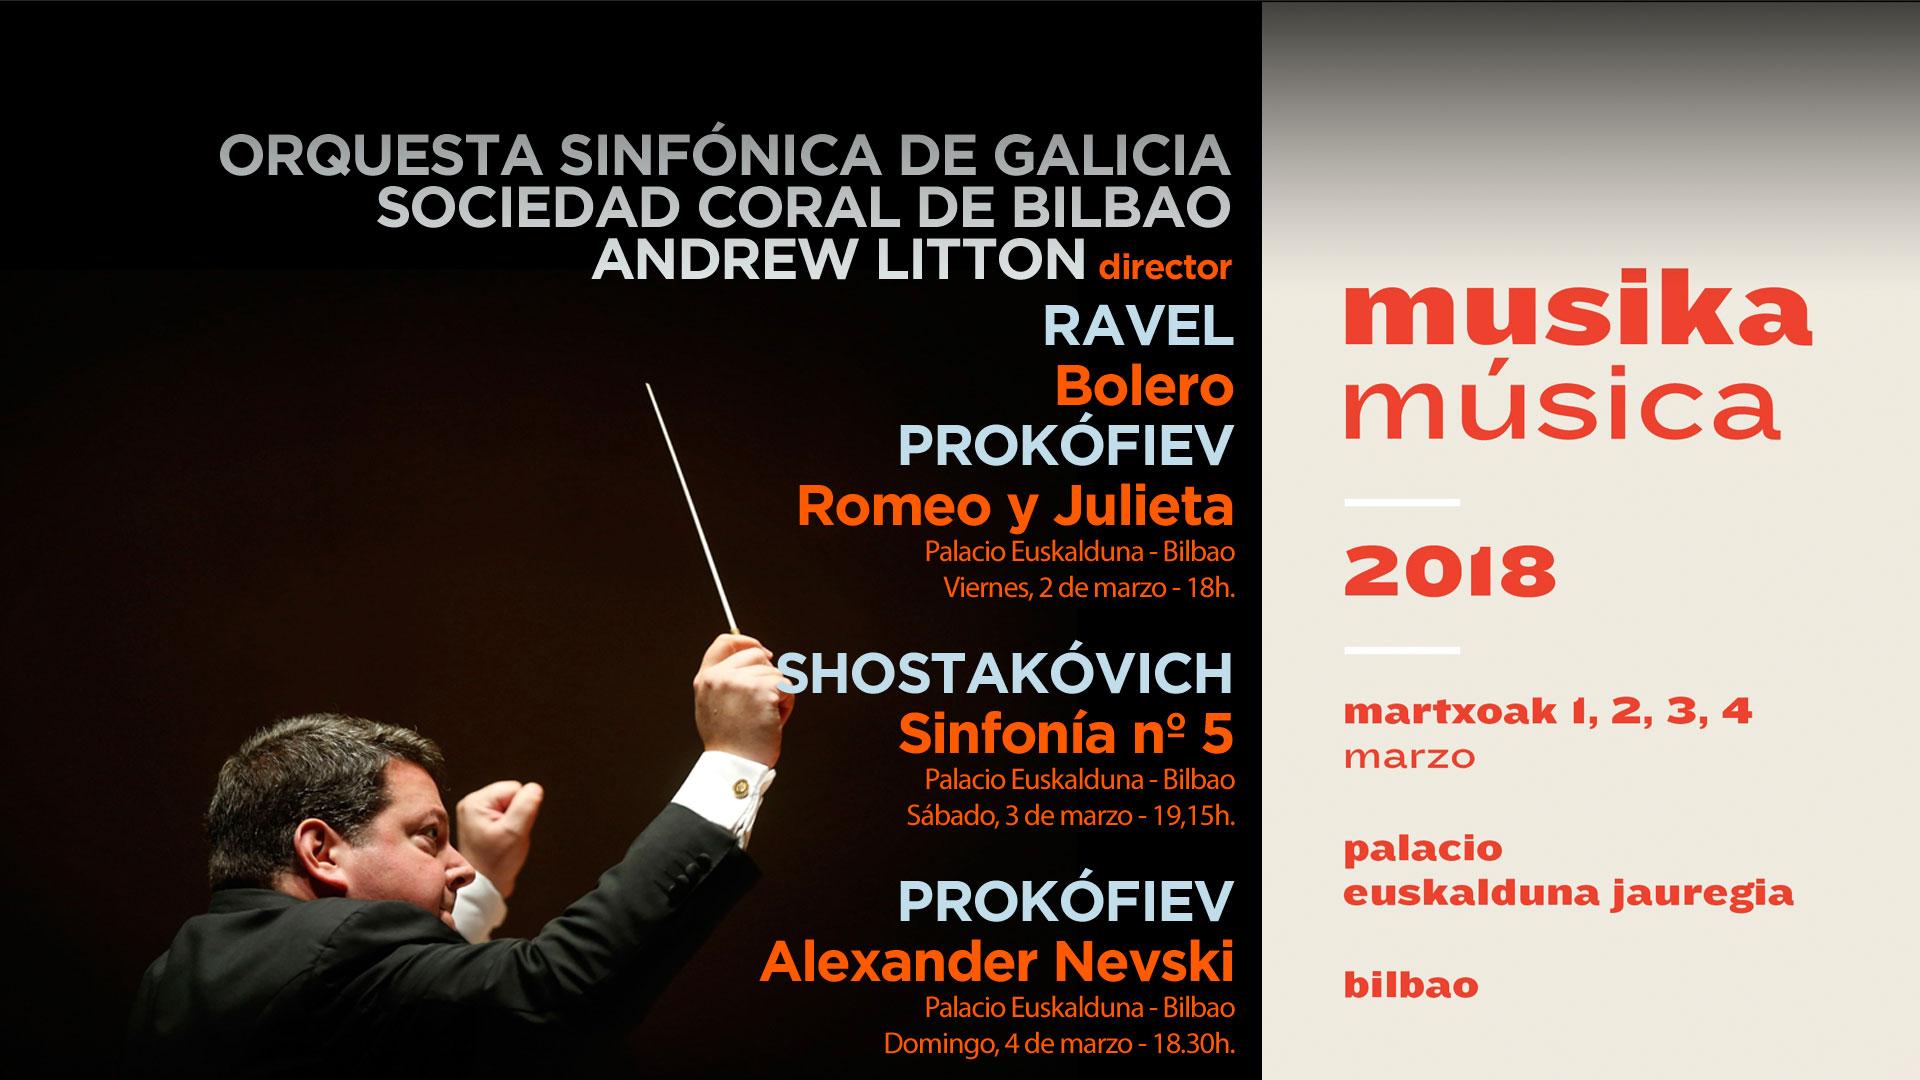 La OSG regresa con tres conciertos al festival Musika-Música de Bilbao por segundo año consecutivo